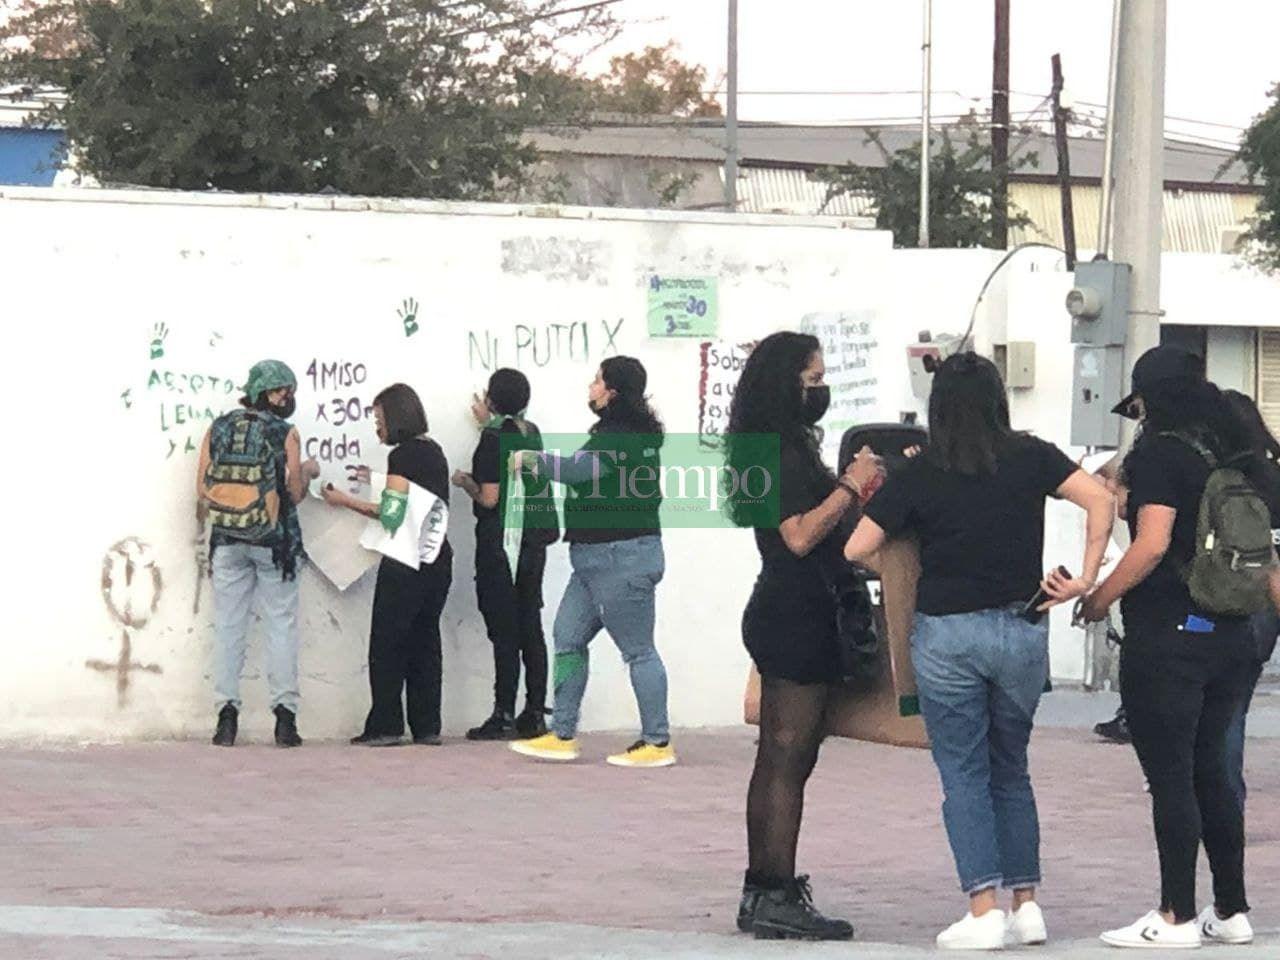 Feministas protestan pacíficamente en la Plaza del Magisterio en Monclova